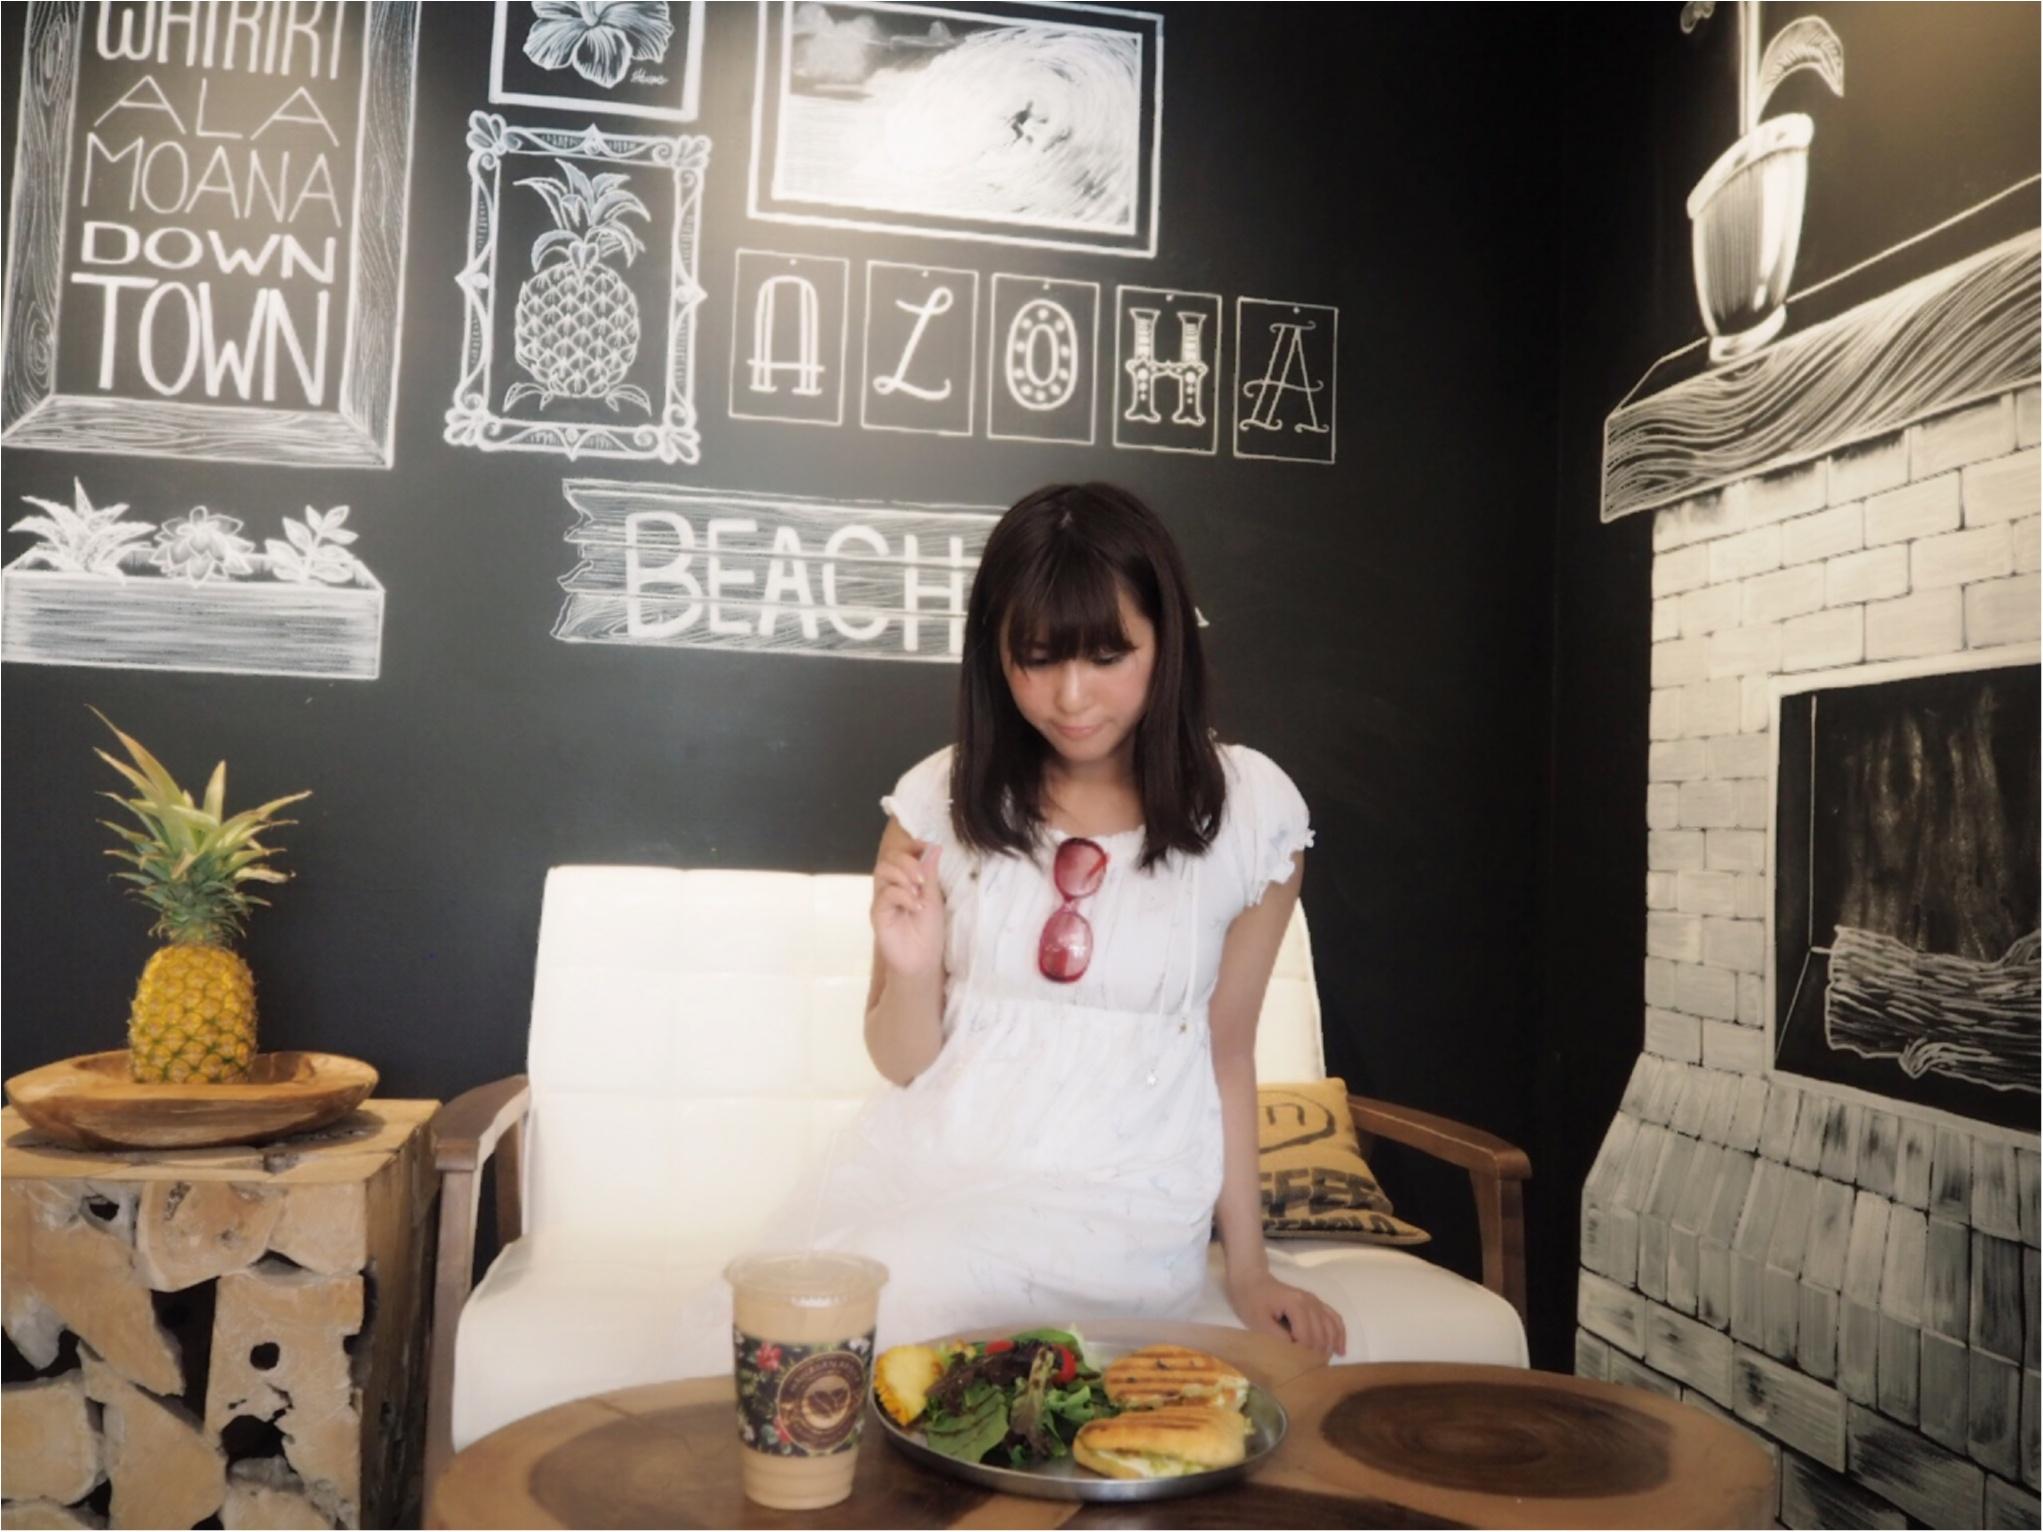 《今、ワイキキで一番オシャレでフォトジェニックなカフェ!》ハワイアン・アロマカフェでまったりブランチ♡♡(&旅行で役に立つプチ英語教室)_7